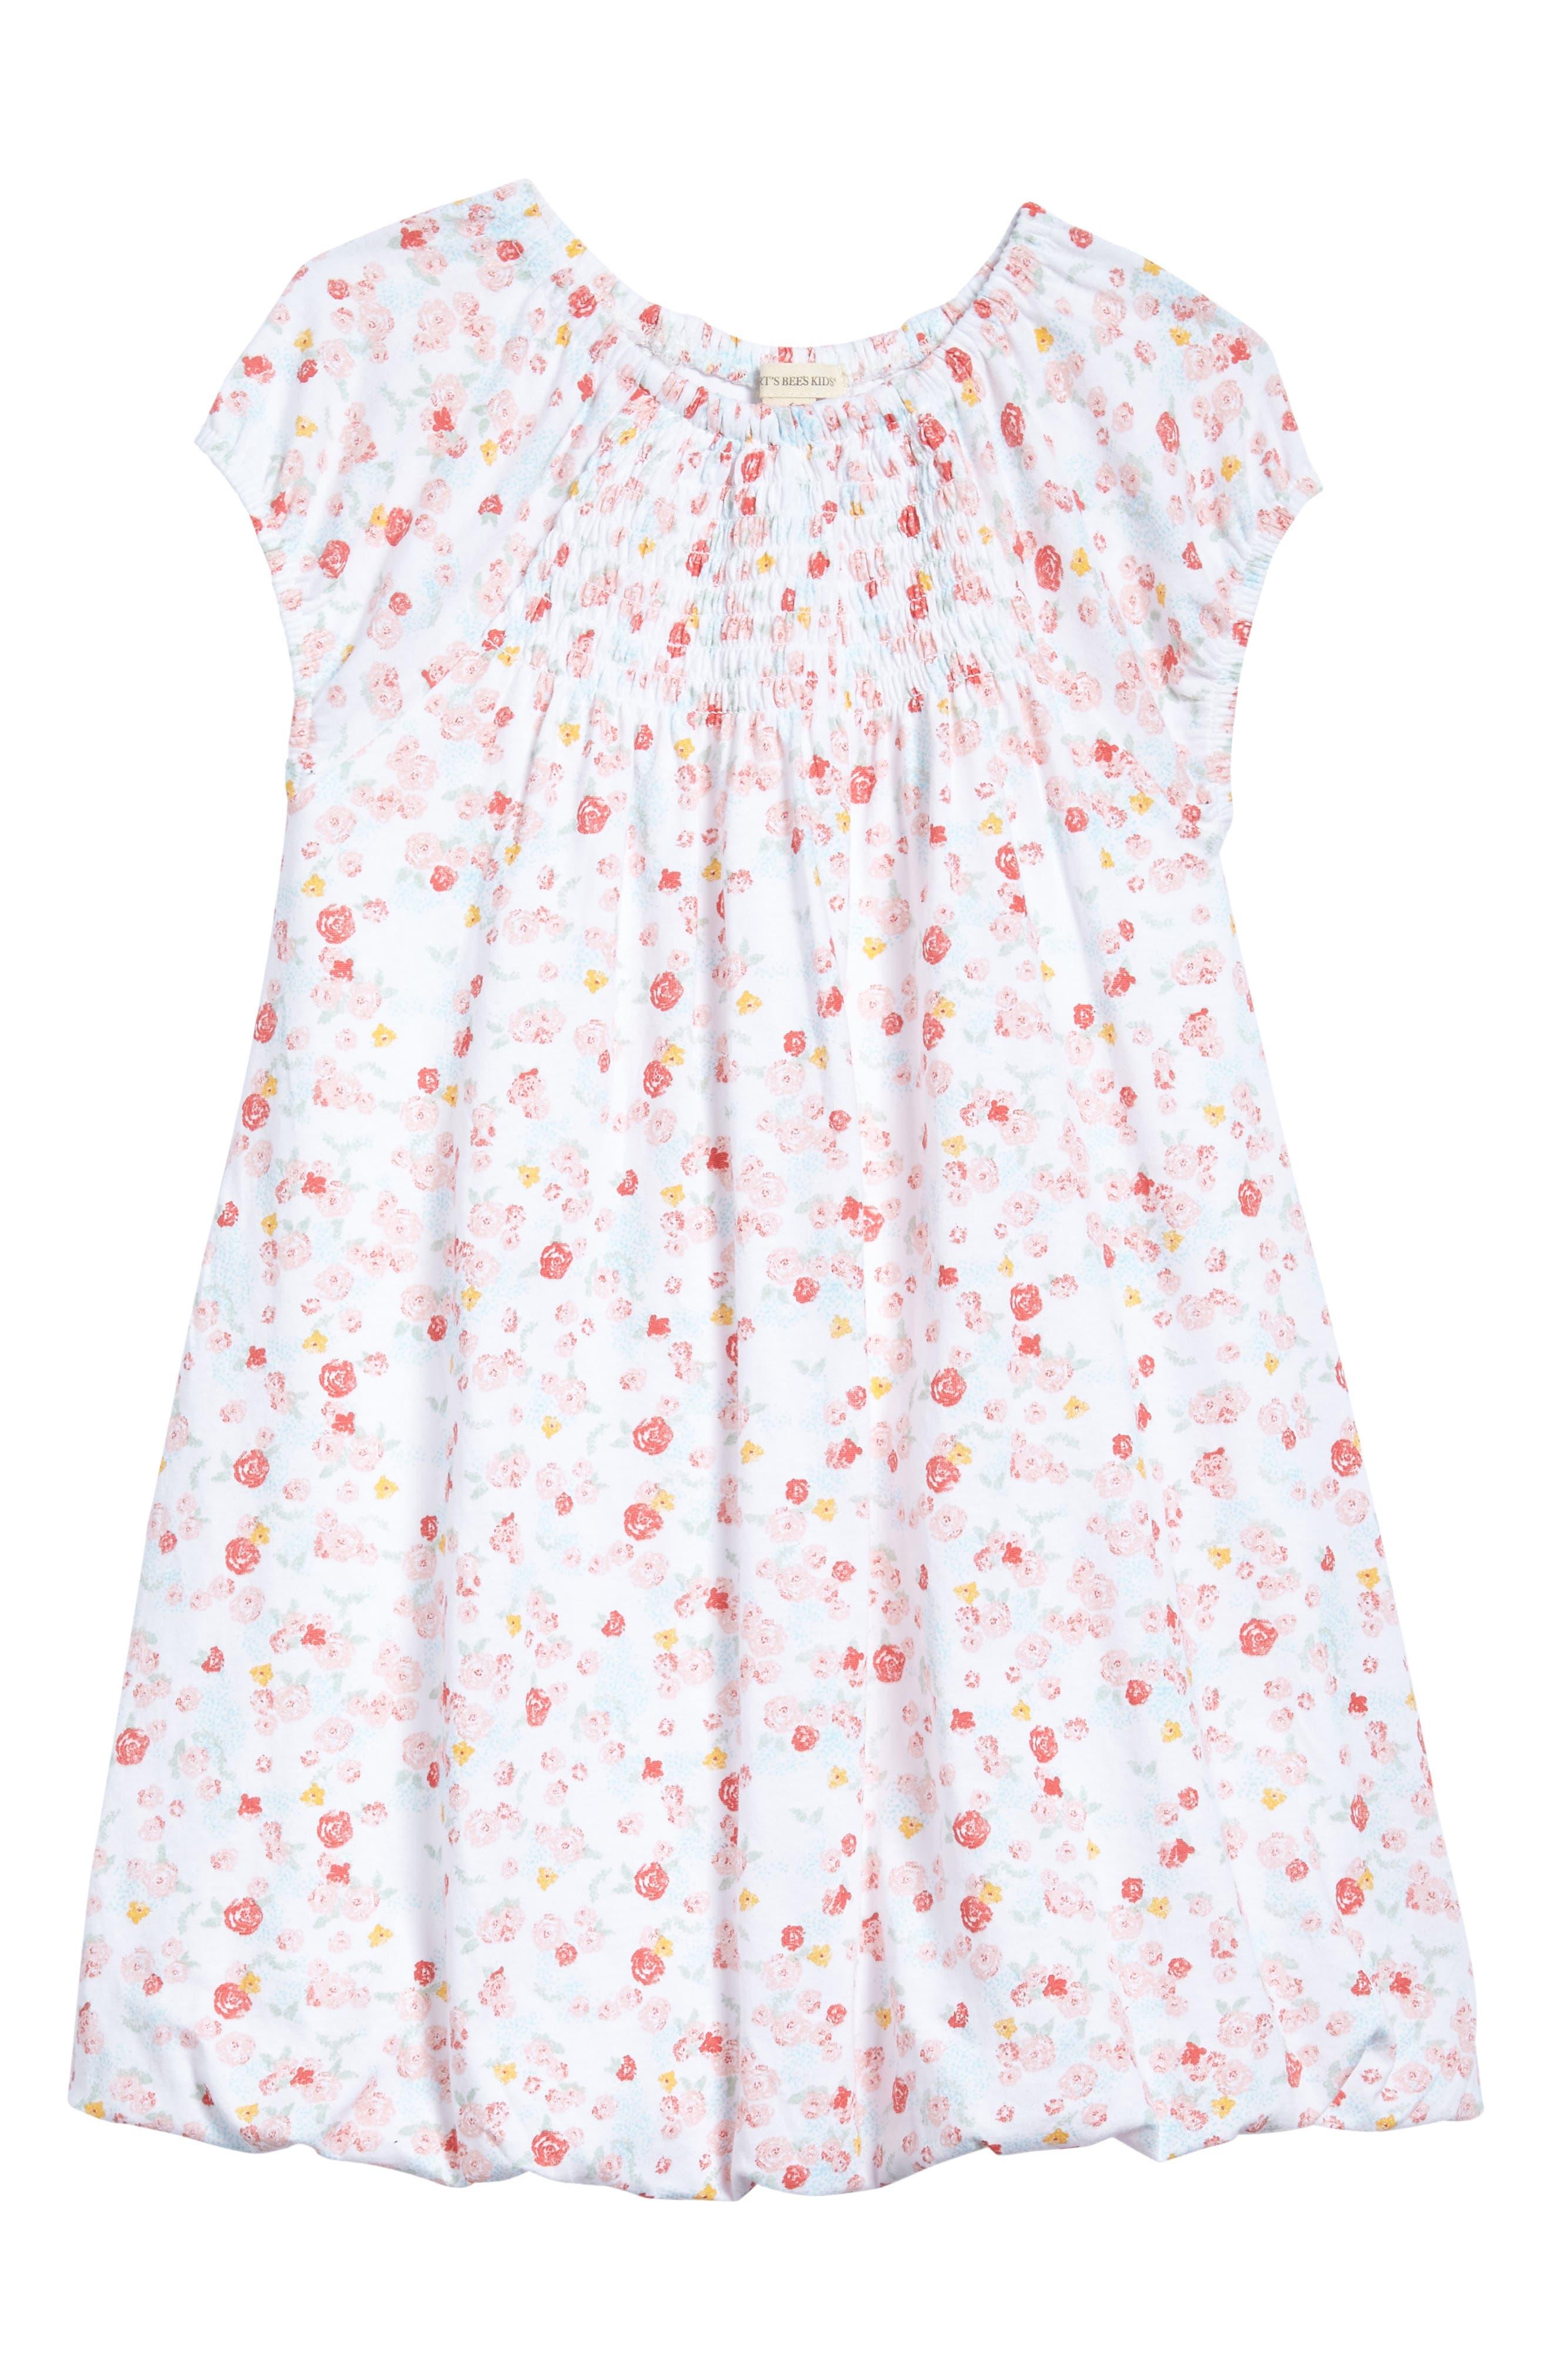 Ditsy Floral Print Bubble Dress,                         Main,                         color, Cloud